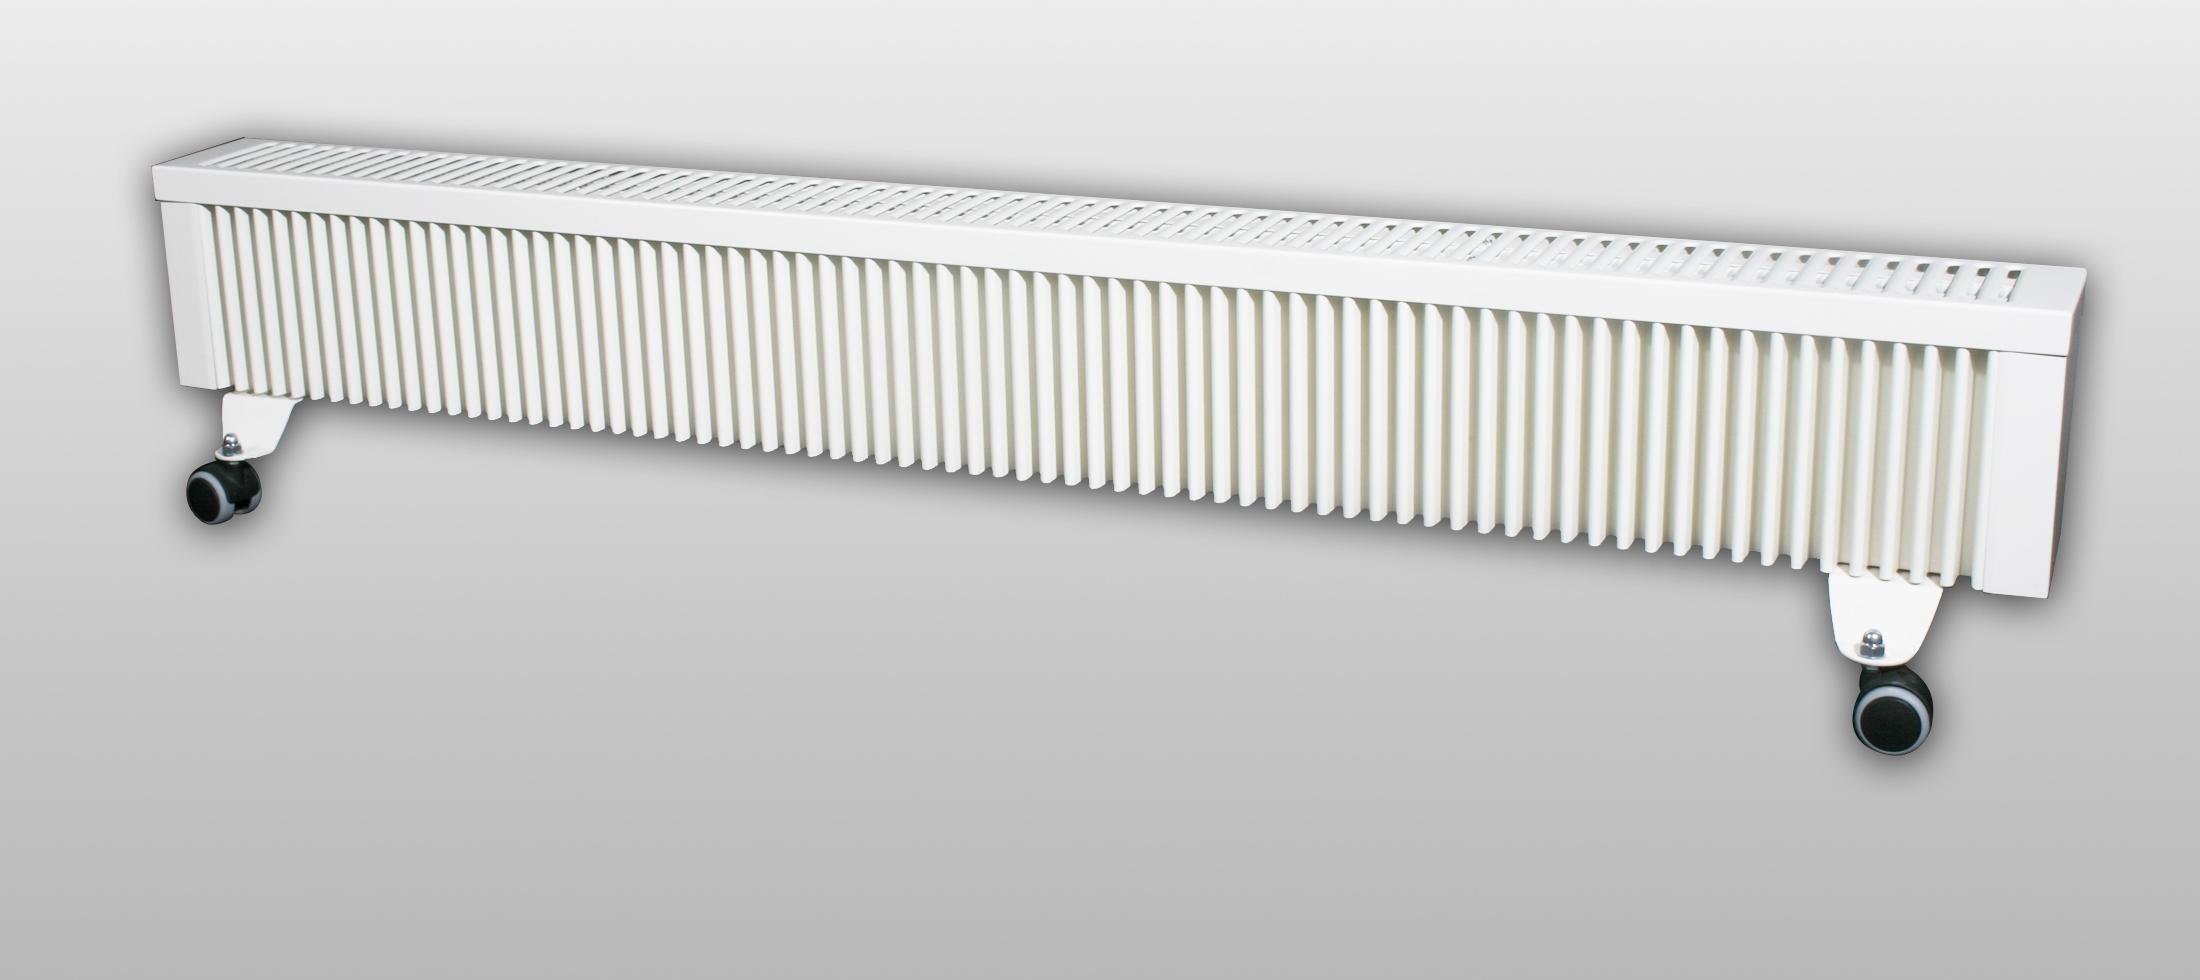 Dvojitý nízký topný panel, TYP HK100, 1000 W